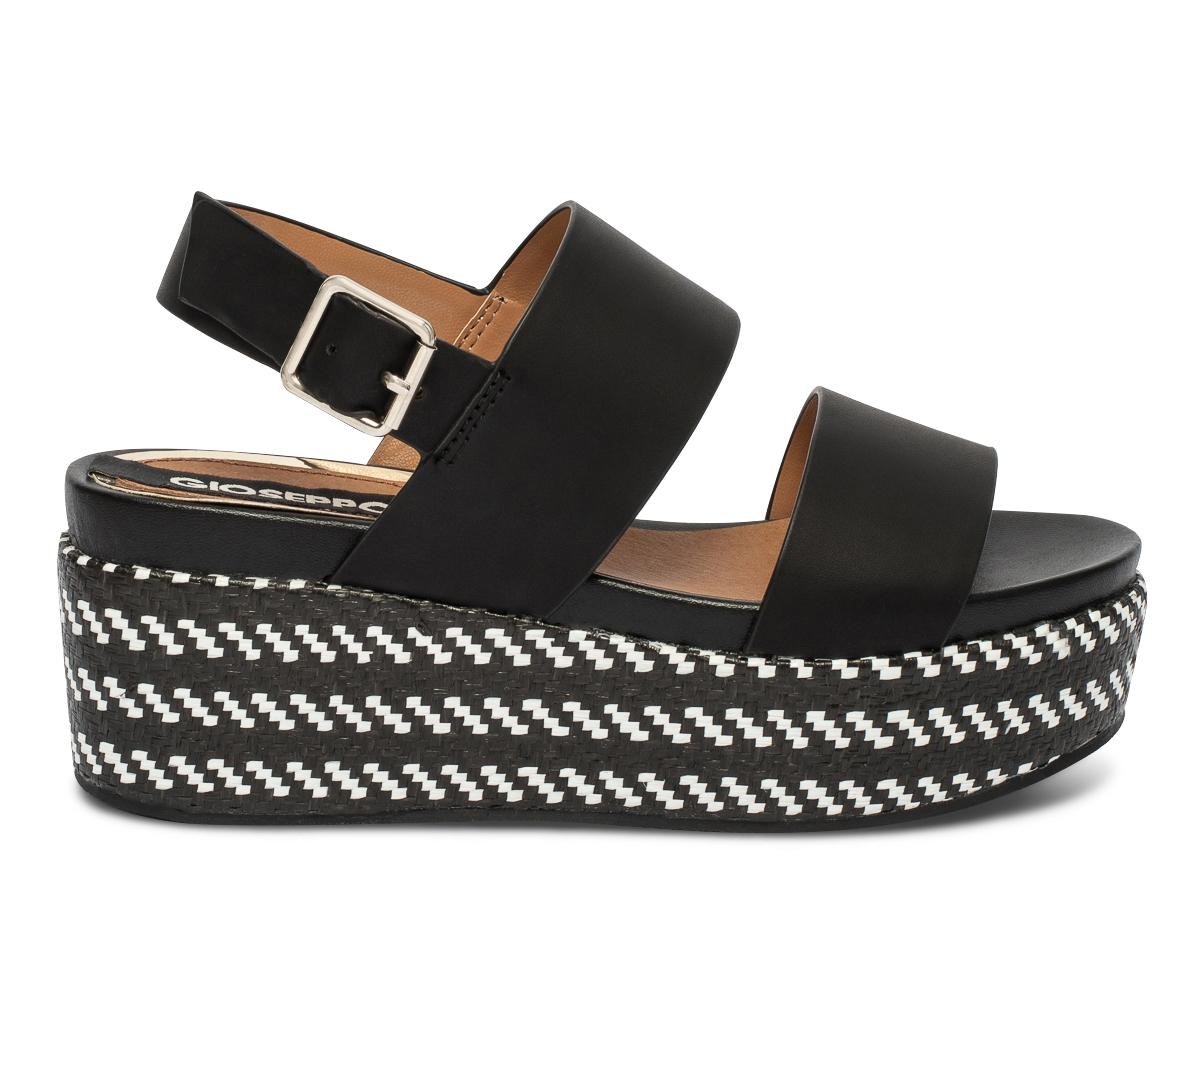 Gioseppo En À Plateforme Noire Sandale Cuir ulK1FJcT35